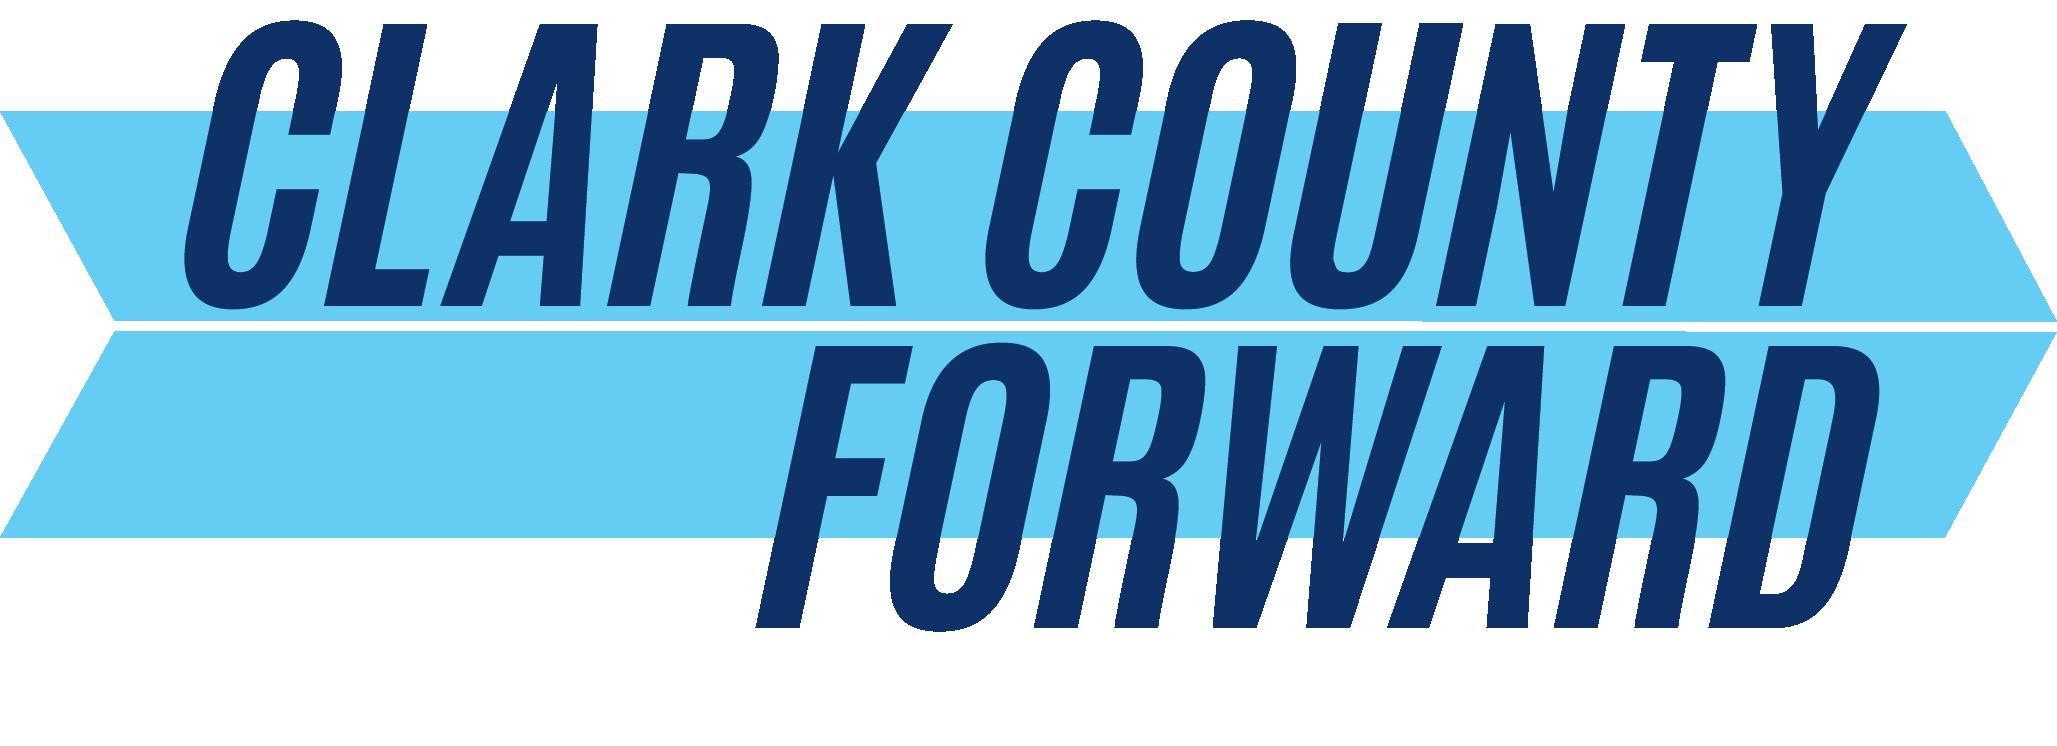 Clark County Forward (WA)